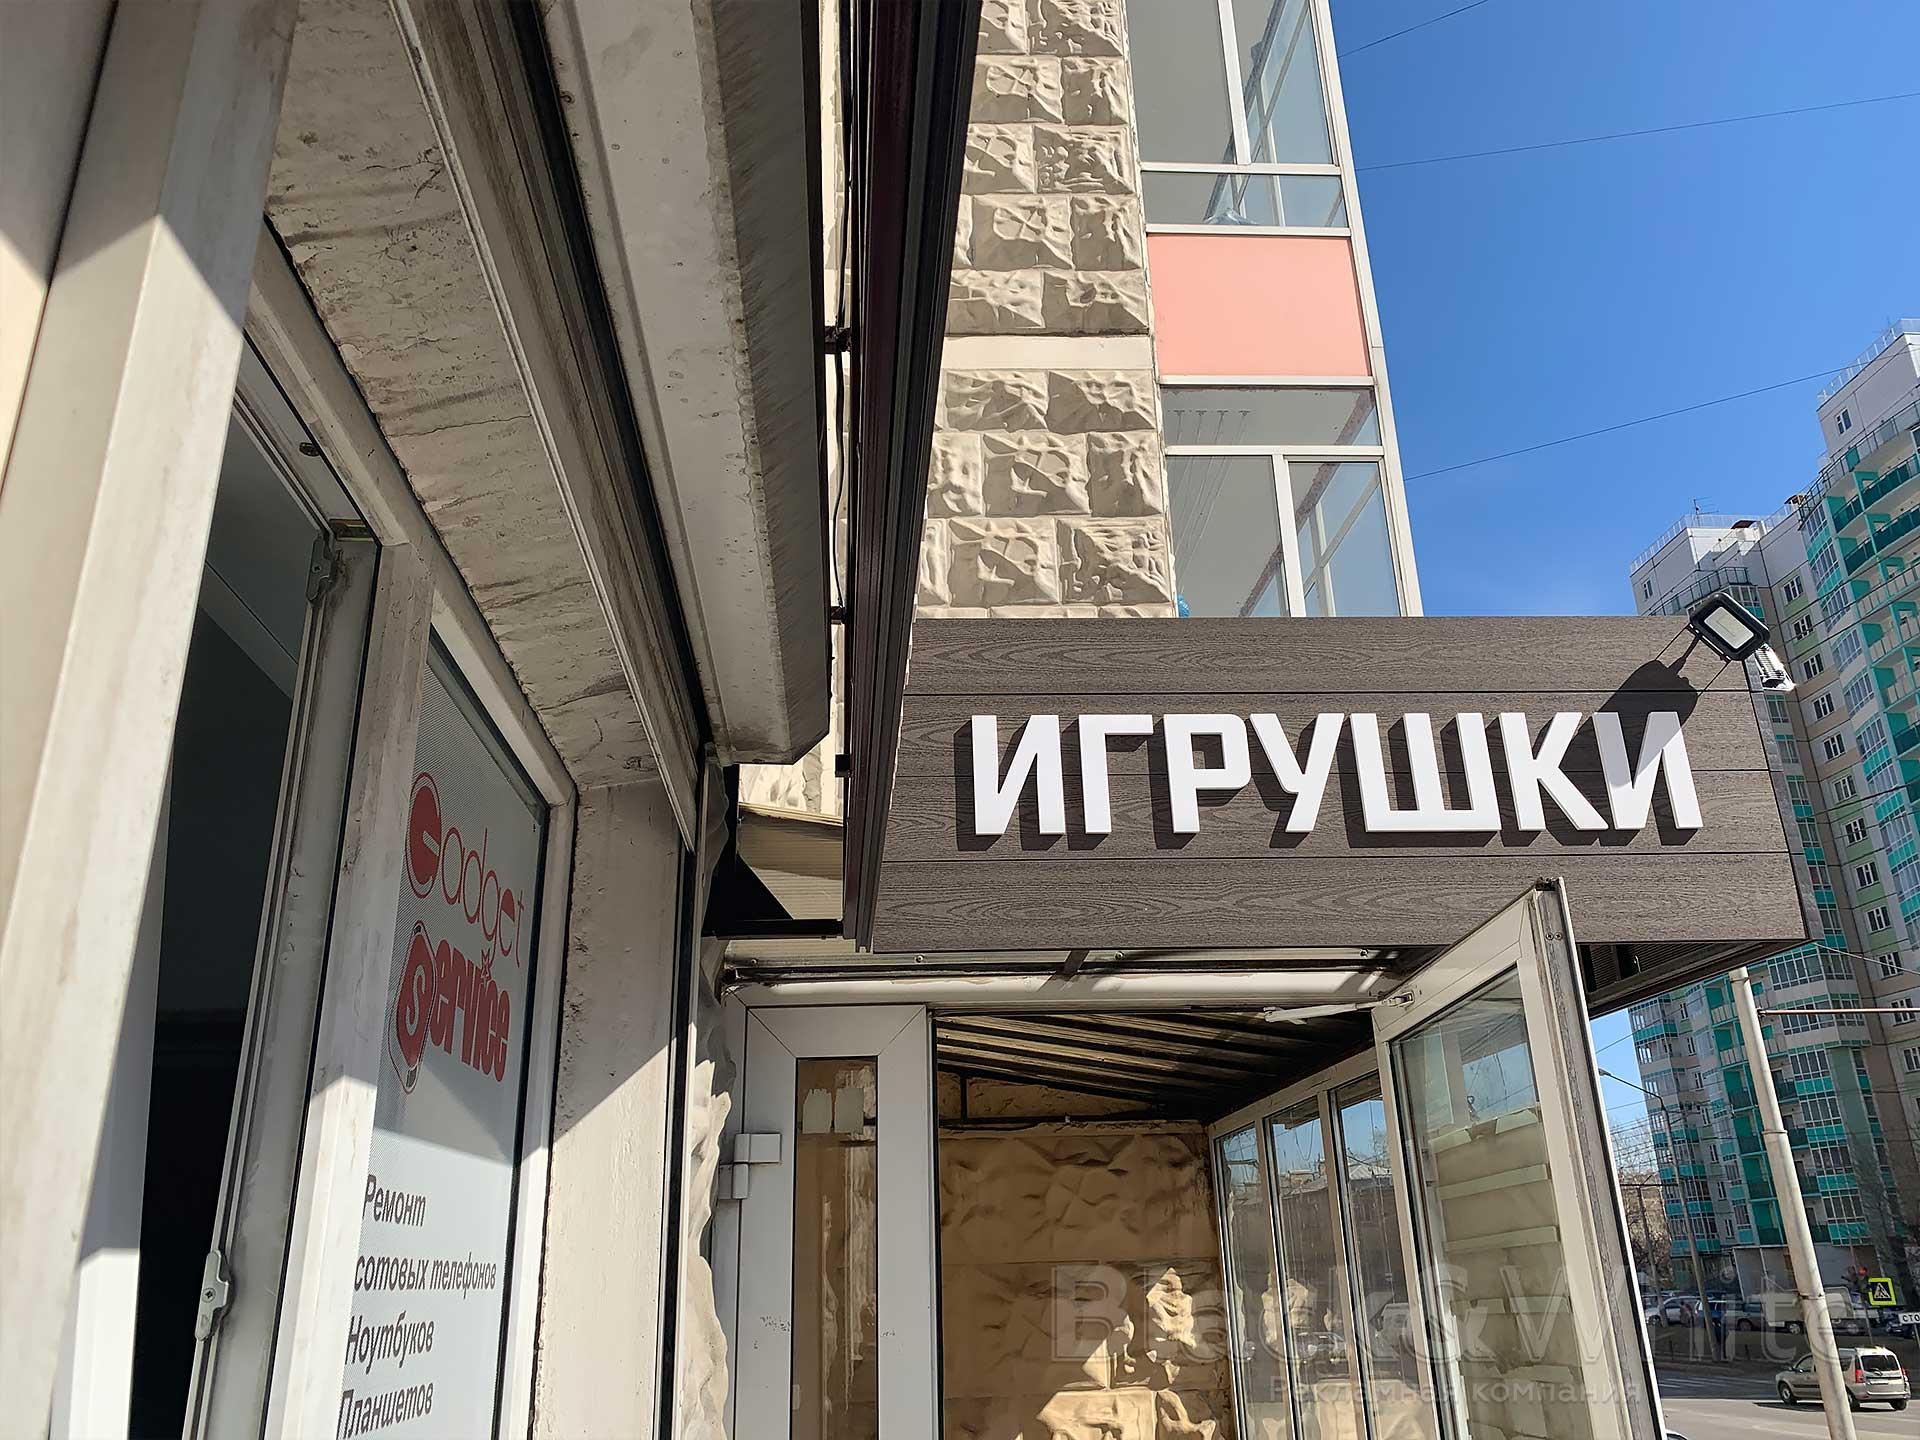 Высеска-из-дерава-с-псевдообъёмными-плоские-буквыми-из-пвх-ихготовление-в-Красноярске-bw.jpg